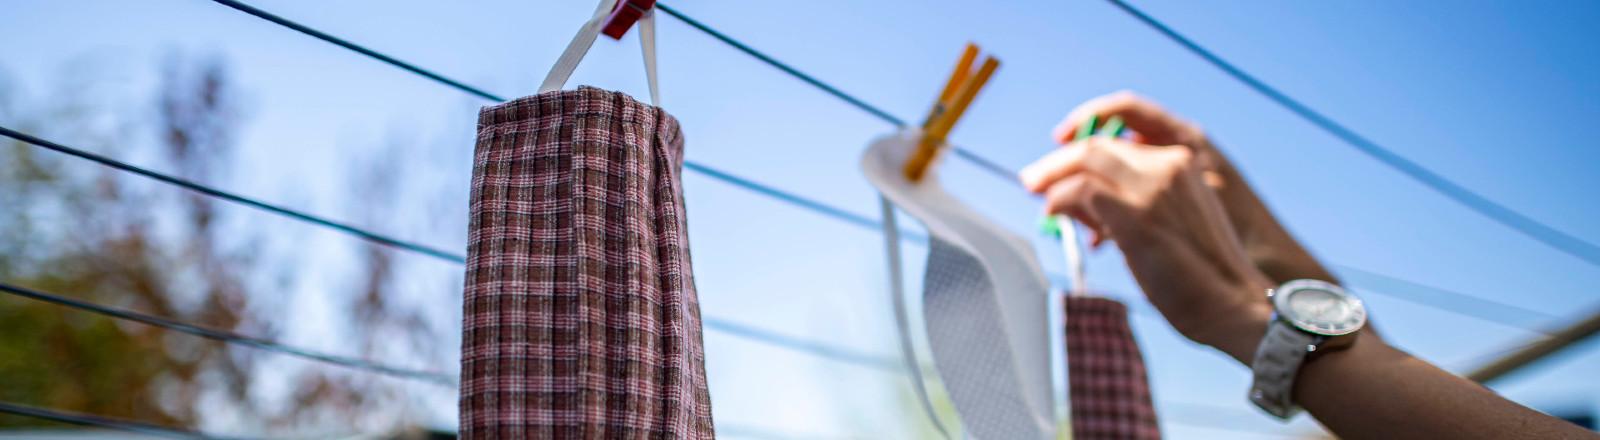 Mann hängt Mundschutz zum Trocknen an die Wäscheleine